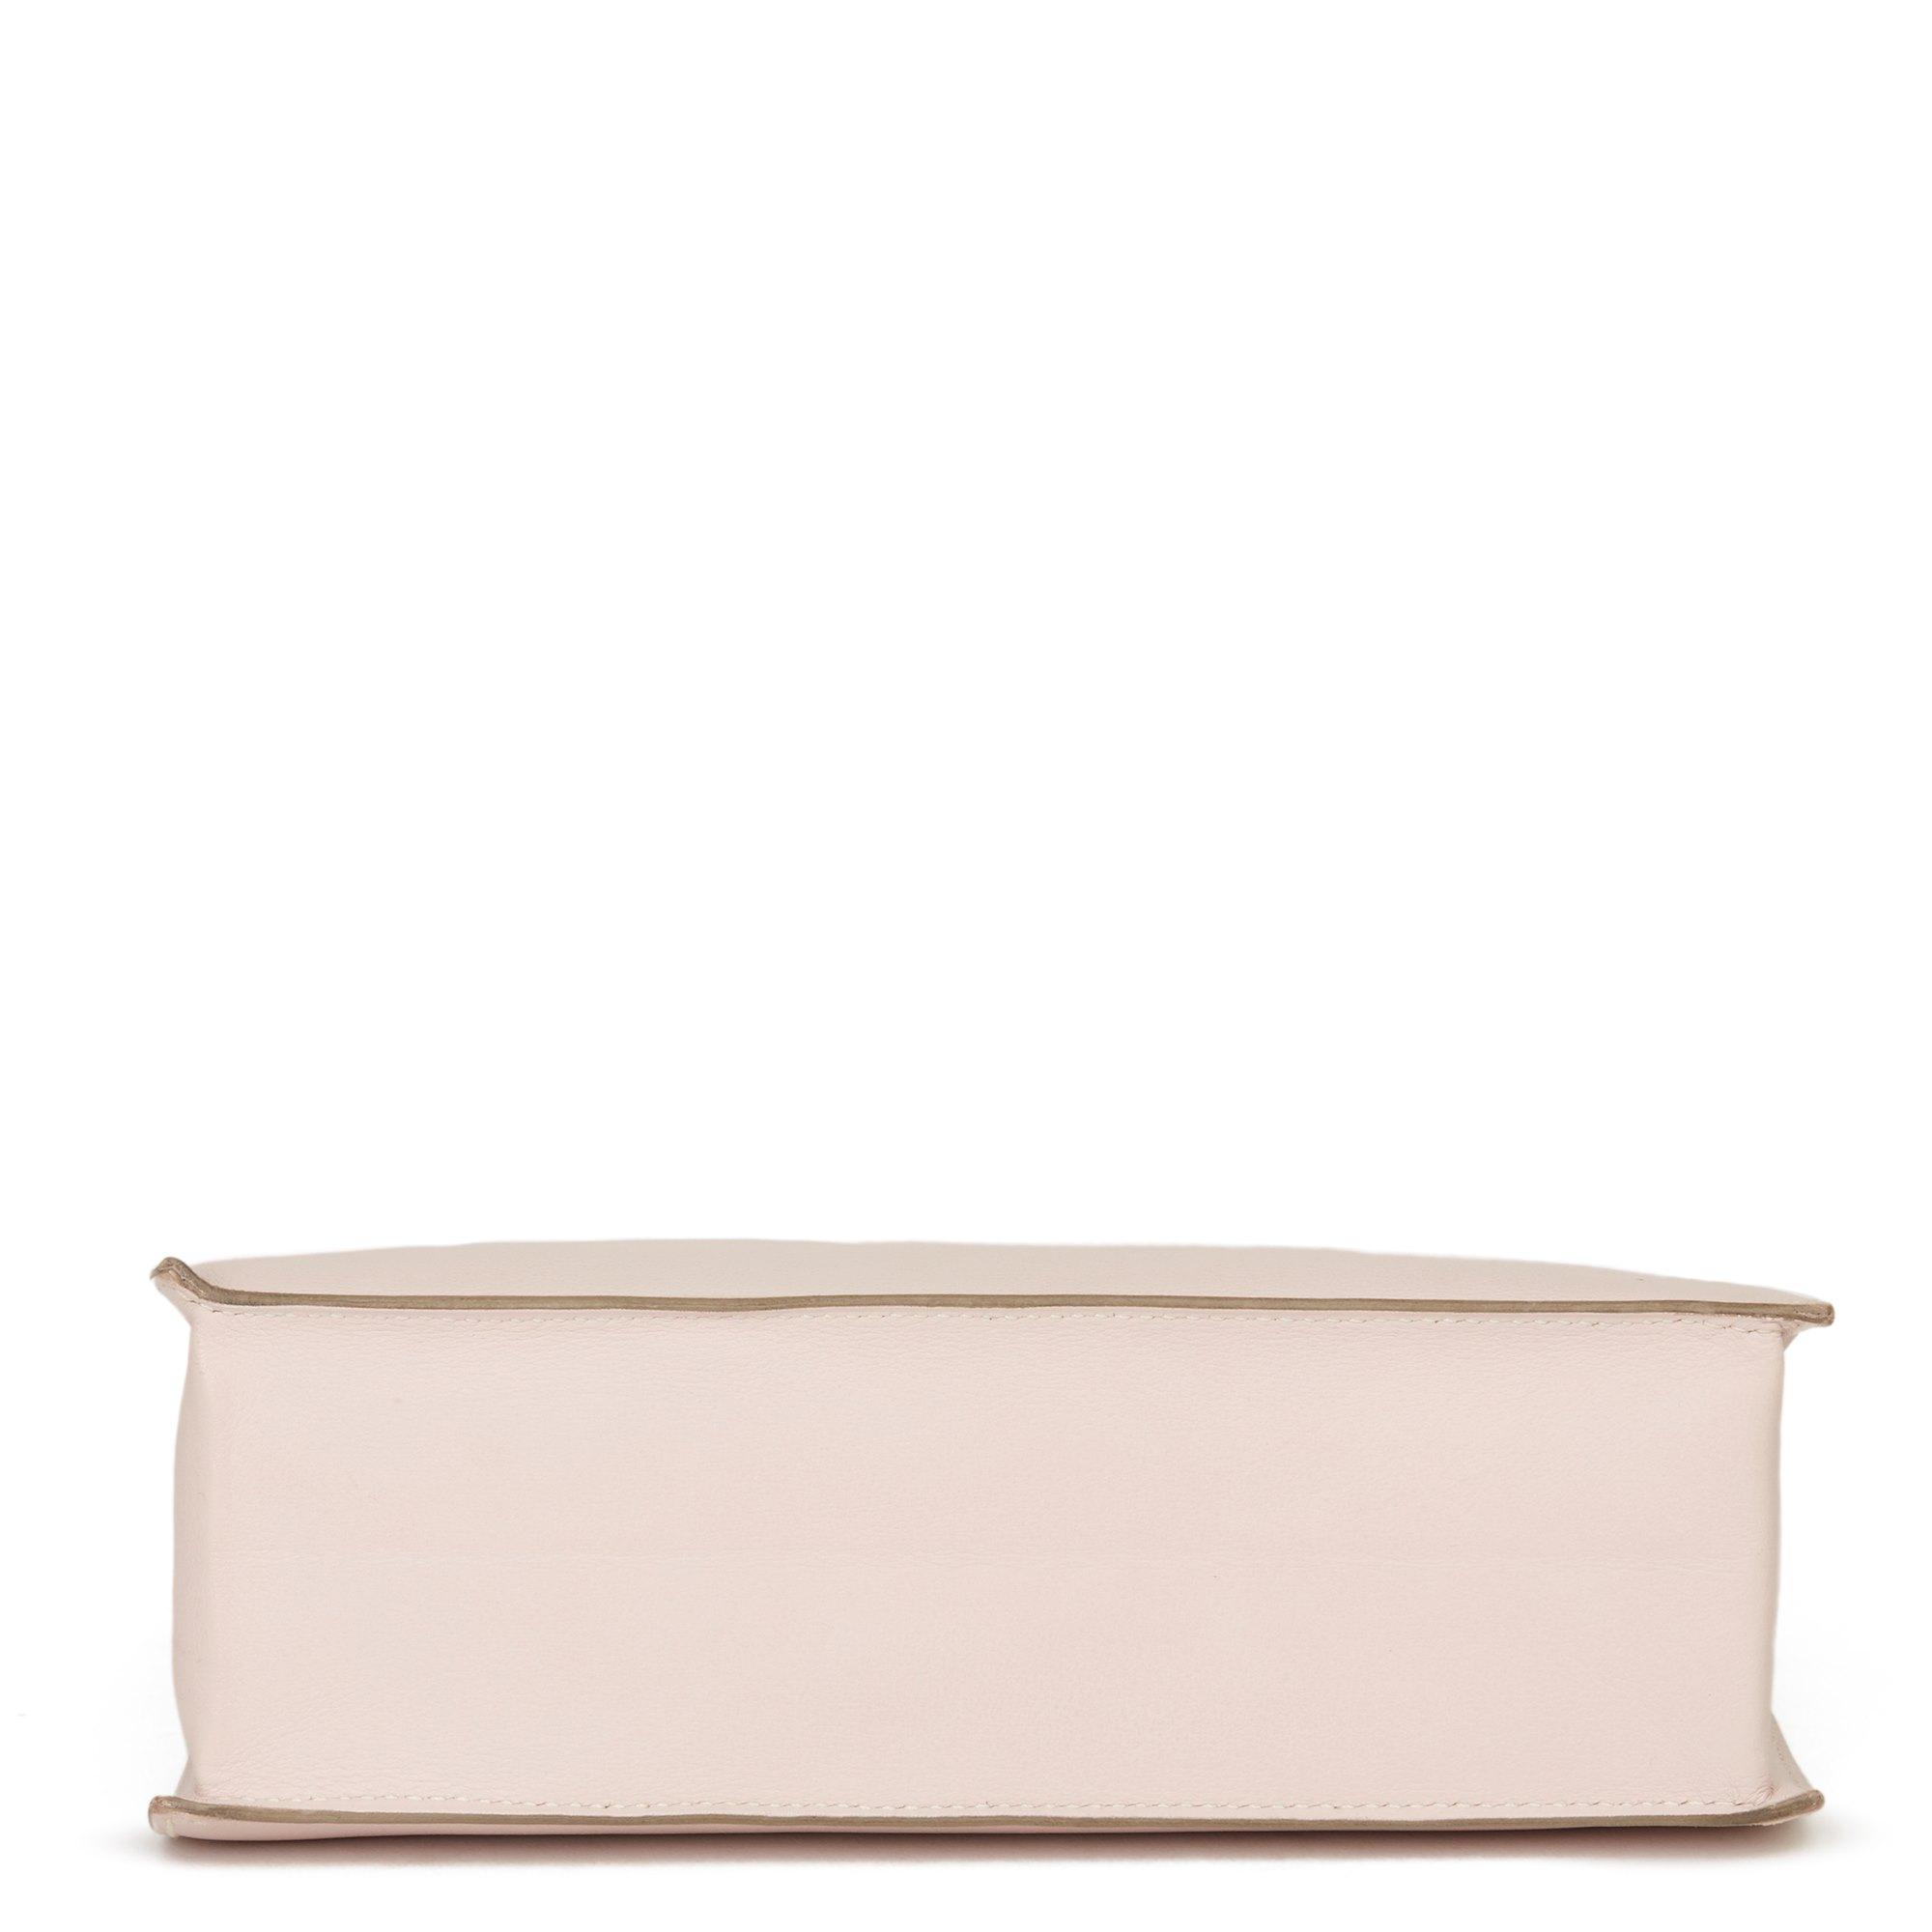 Hermès Rose Dragee Swift Leather Kelly Danse